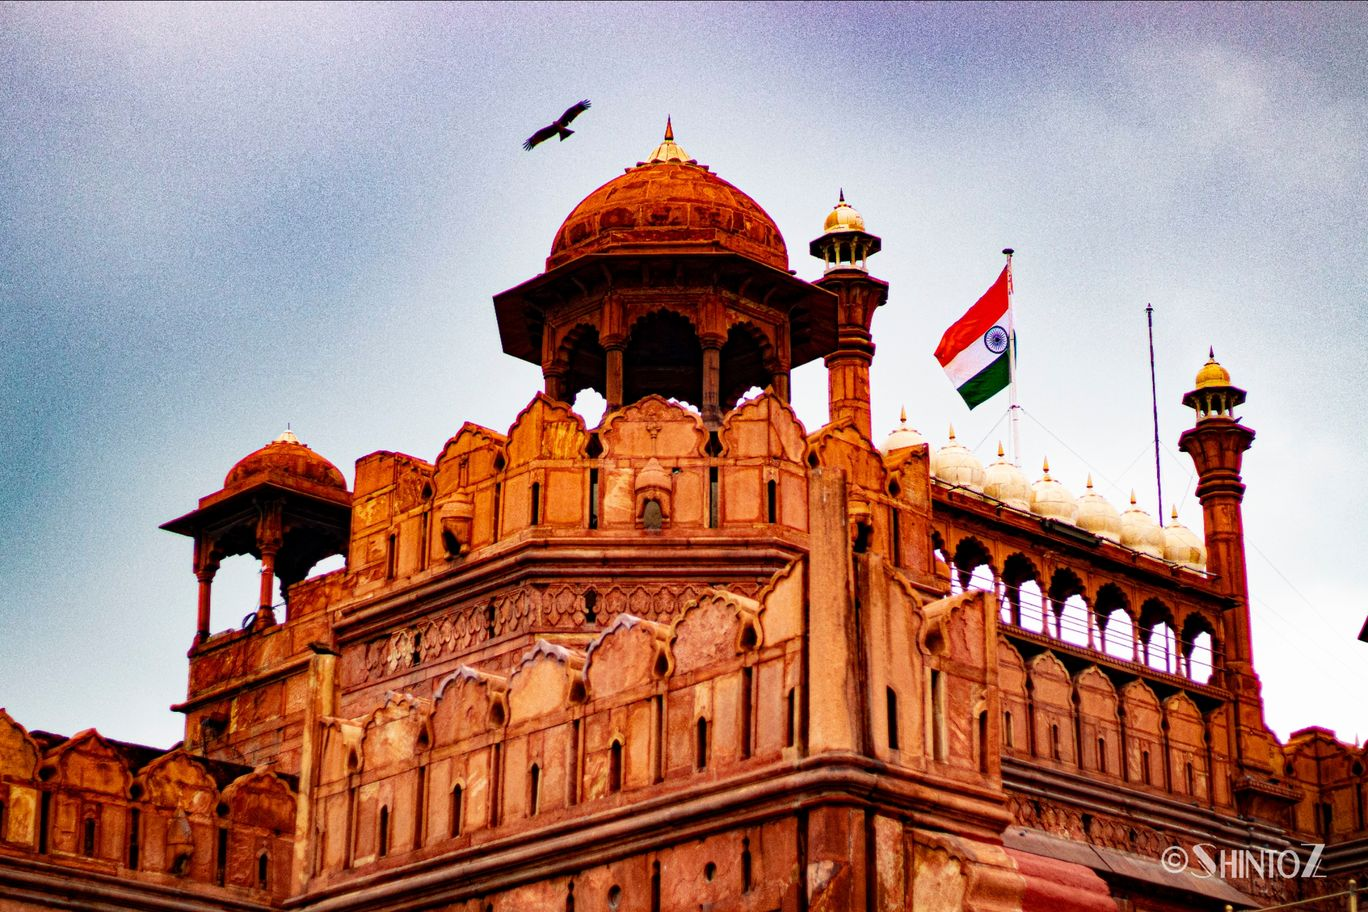 Photo of Delhi By shinto philip